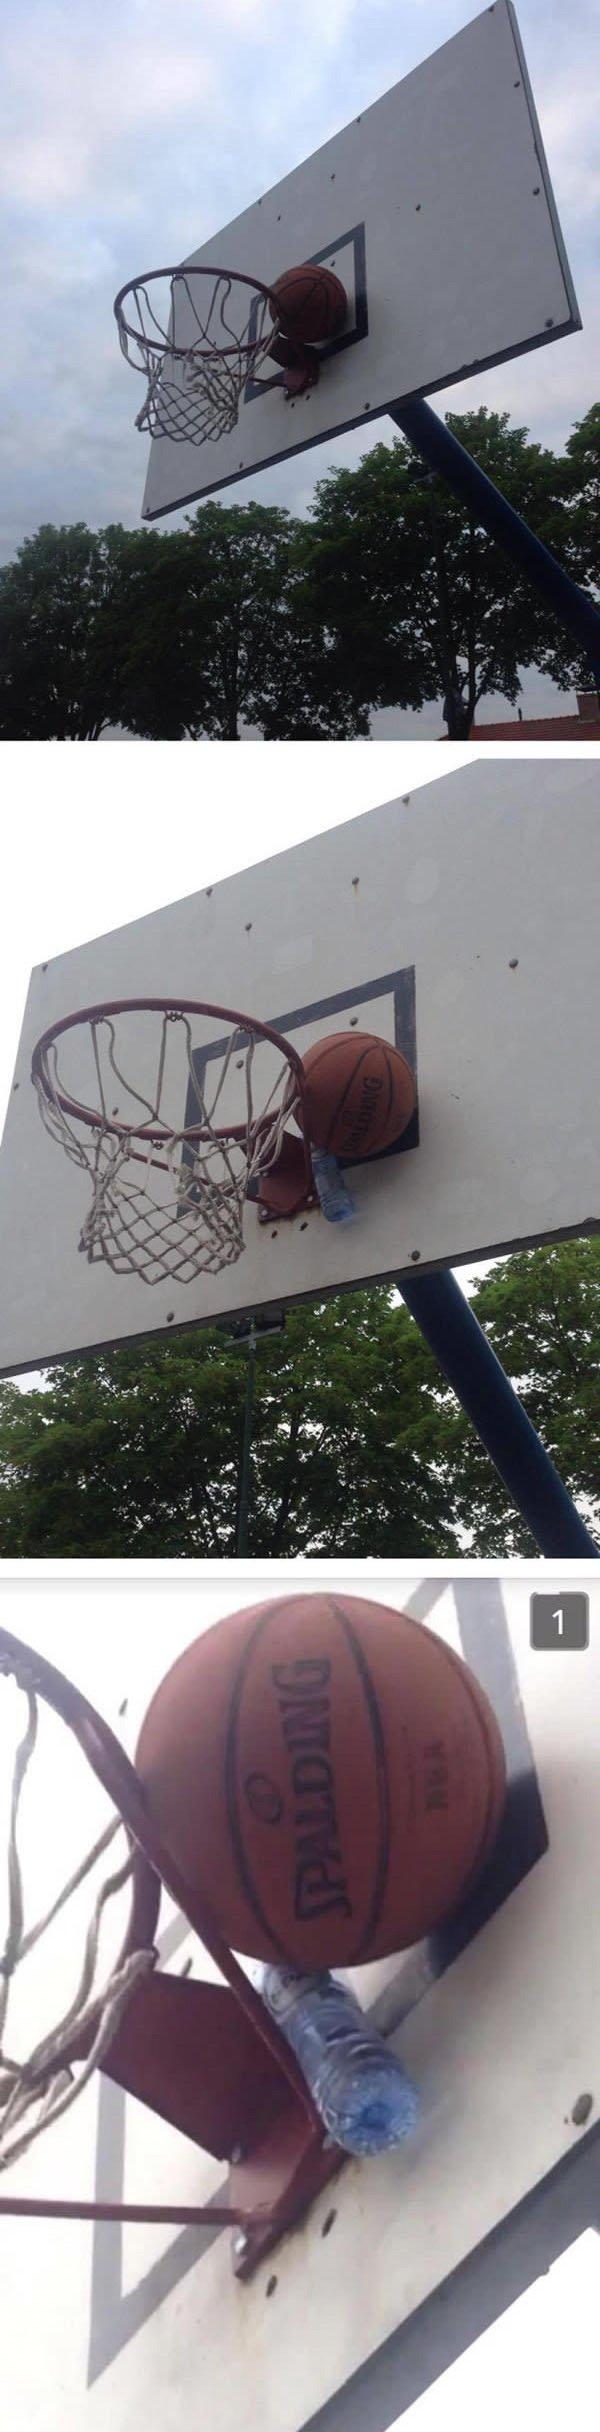 basketball-stuck water bottle also stuck